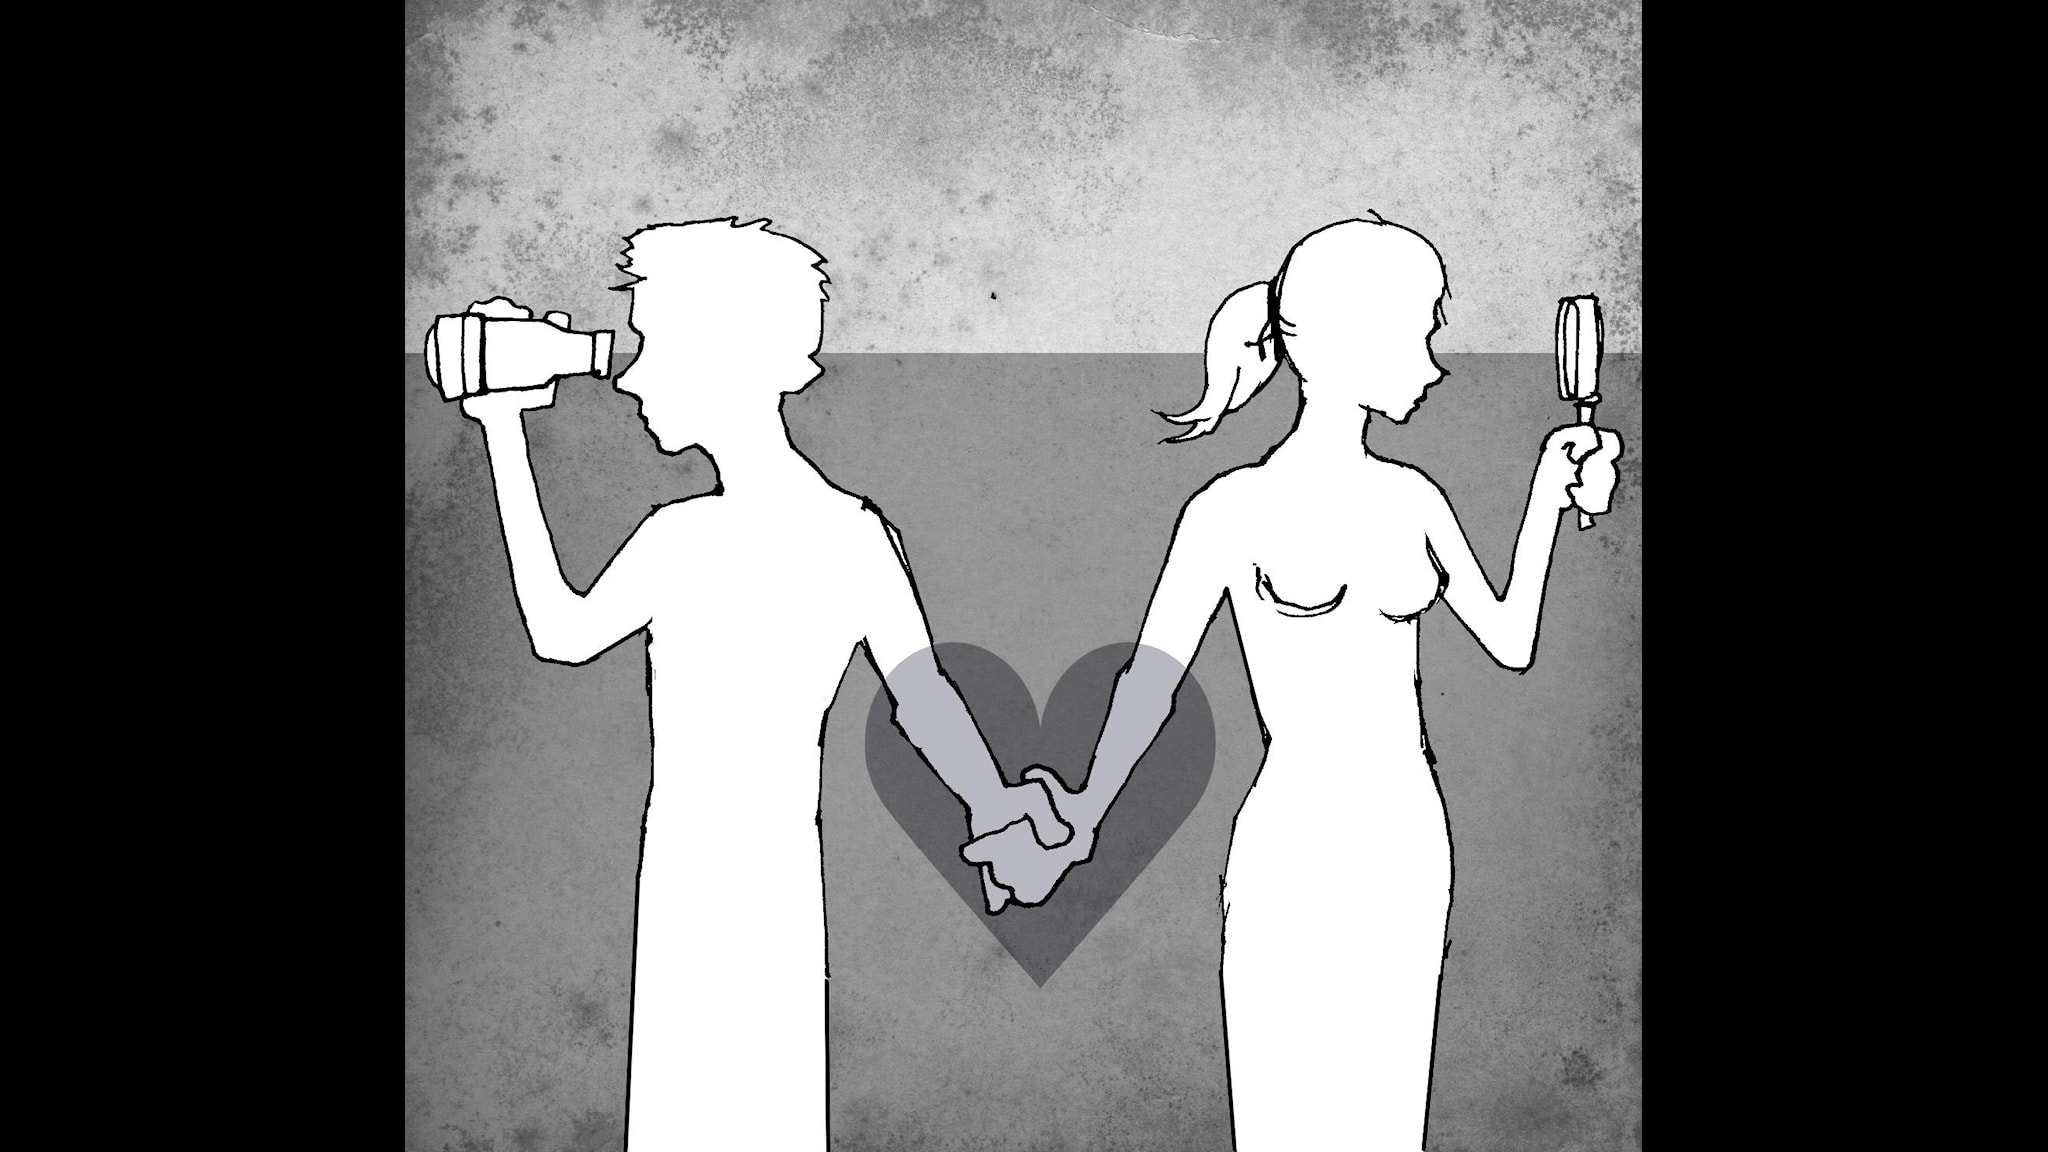 Öppet förhållande. Foto: Peter Harris/flickr/CC BY 2.0